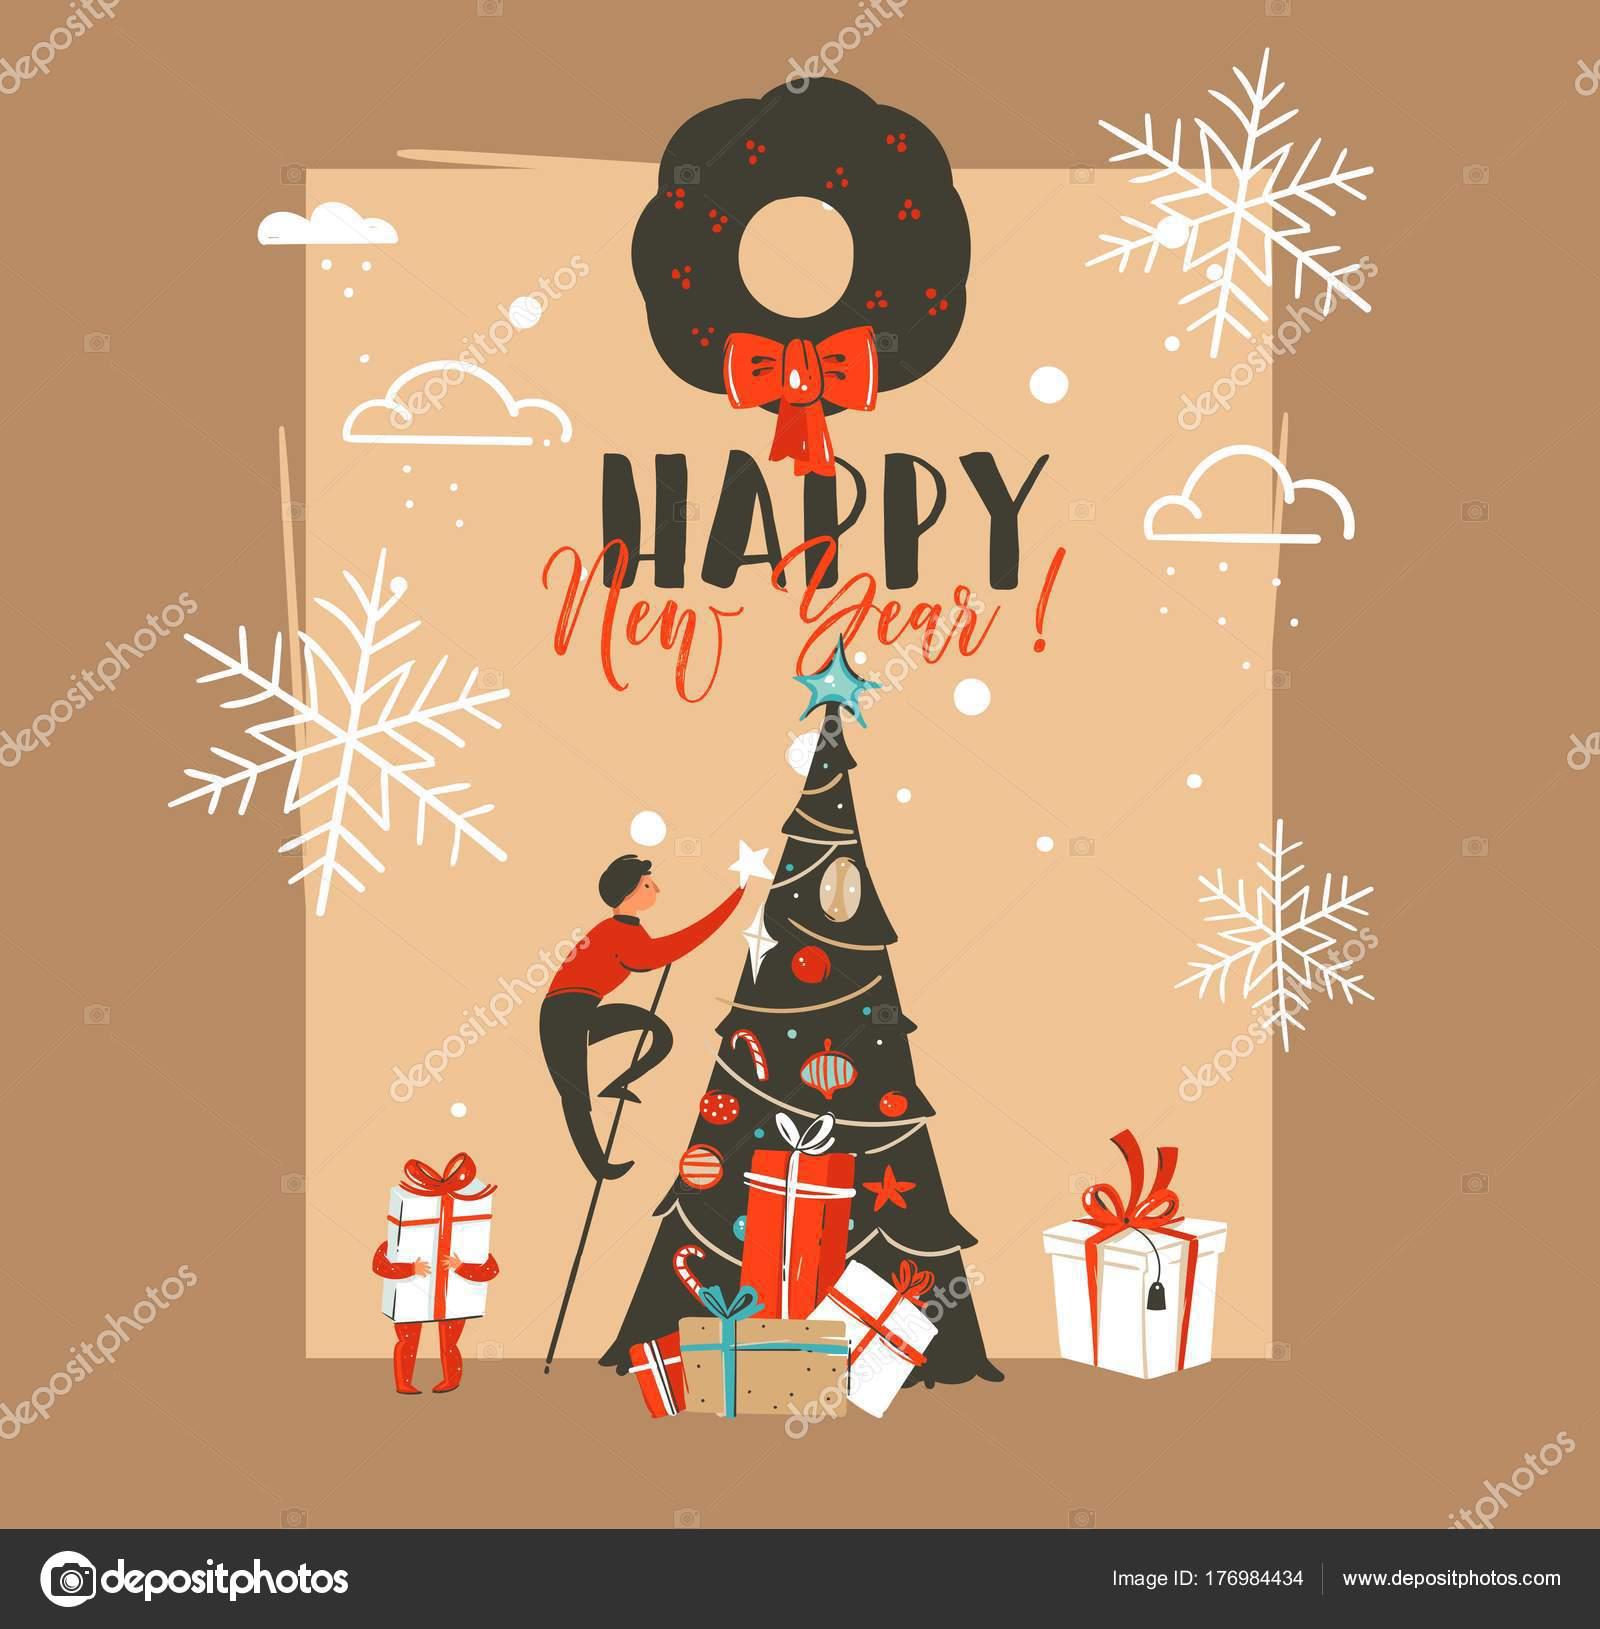 Mano dibujada abstract vector feliz Navidad y feliz año nuevo tiempo ...